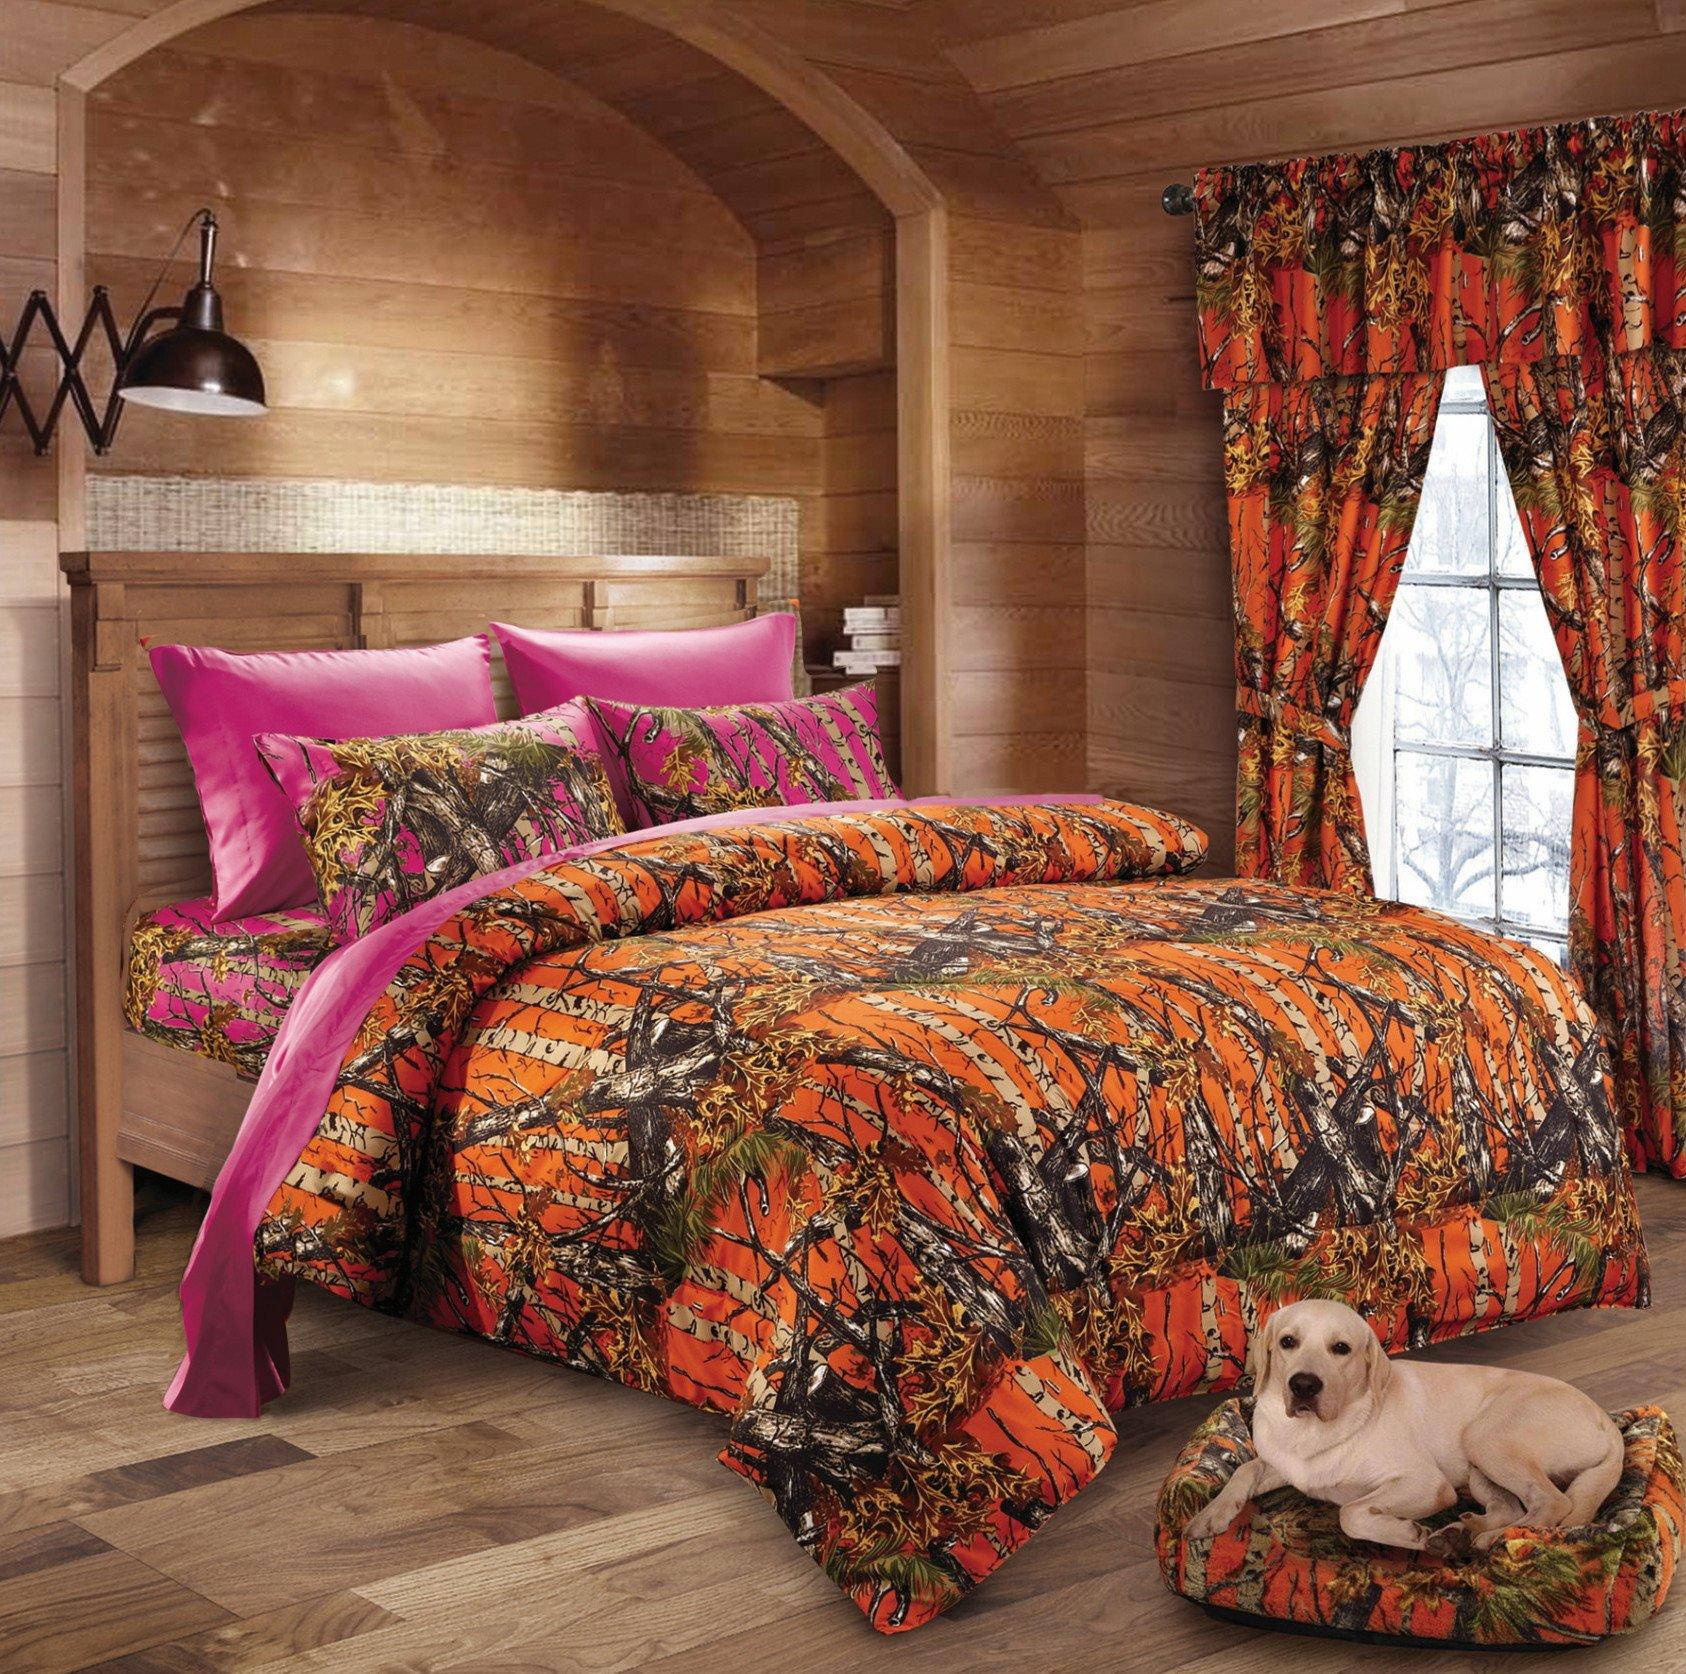 20 Lakes Hunter Camo Comforter, Sheet, Pillowcase Set ORange & Hot Pink (Queen, Orange & Hot Pink)